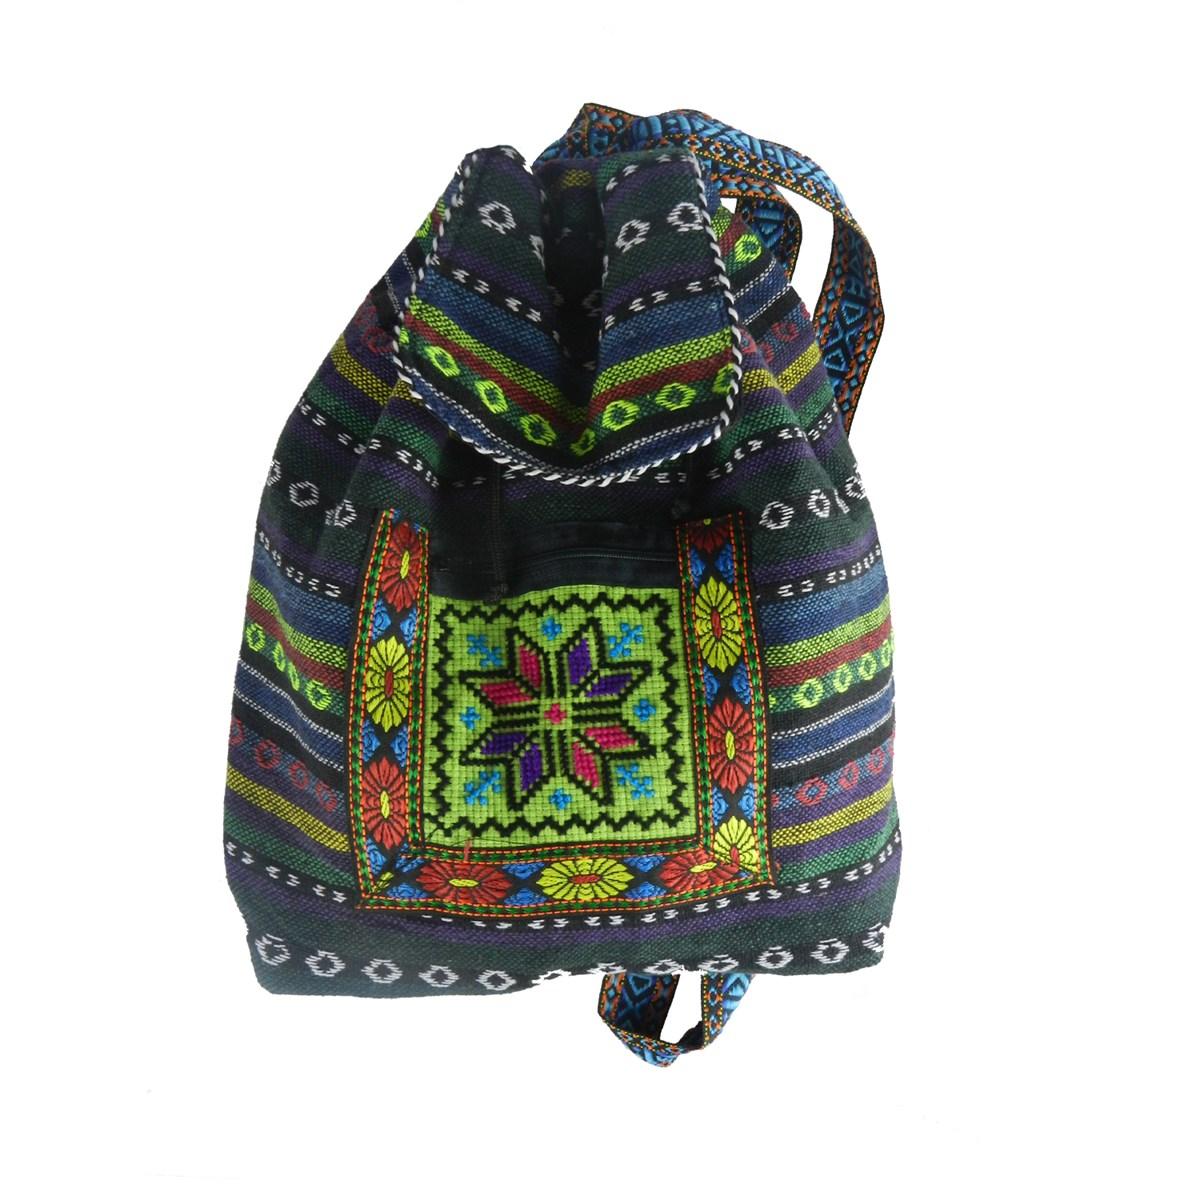 dekoratif kilim desenli sırt çantası